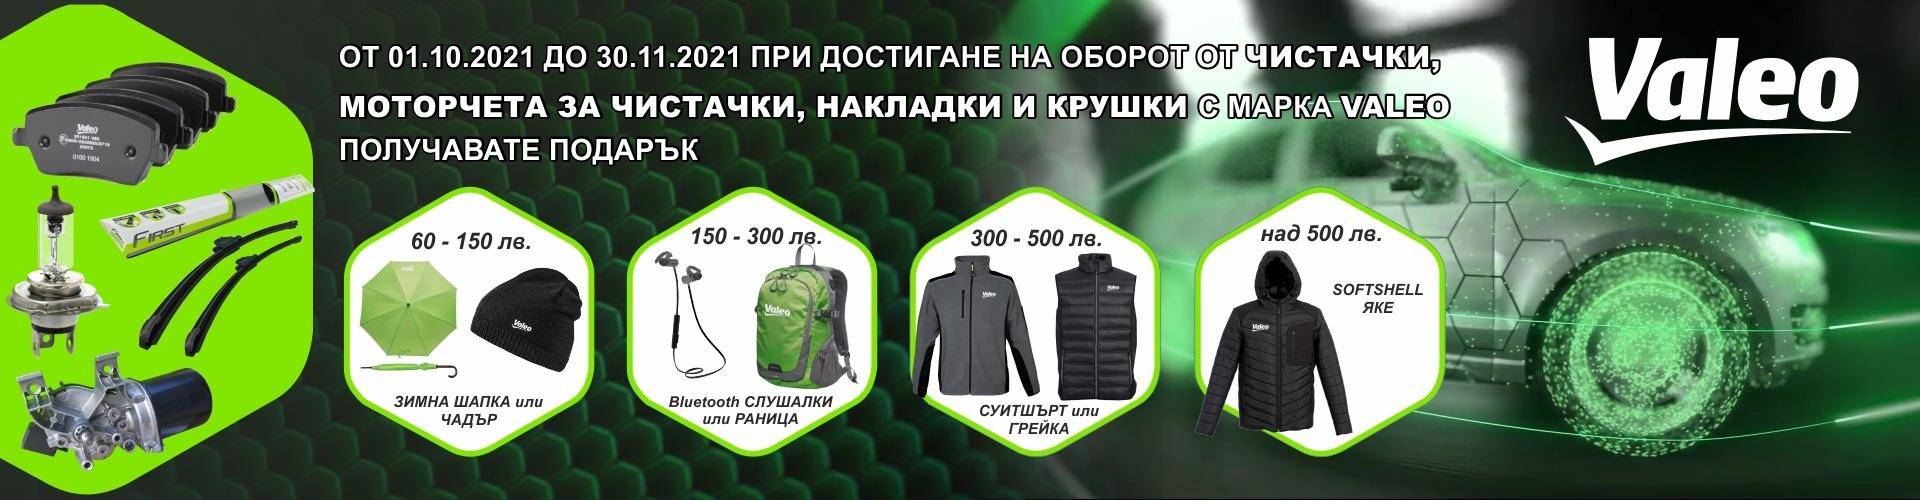 promo_valeo_01.10.2021-30.11.2021_banner_.jpg